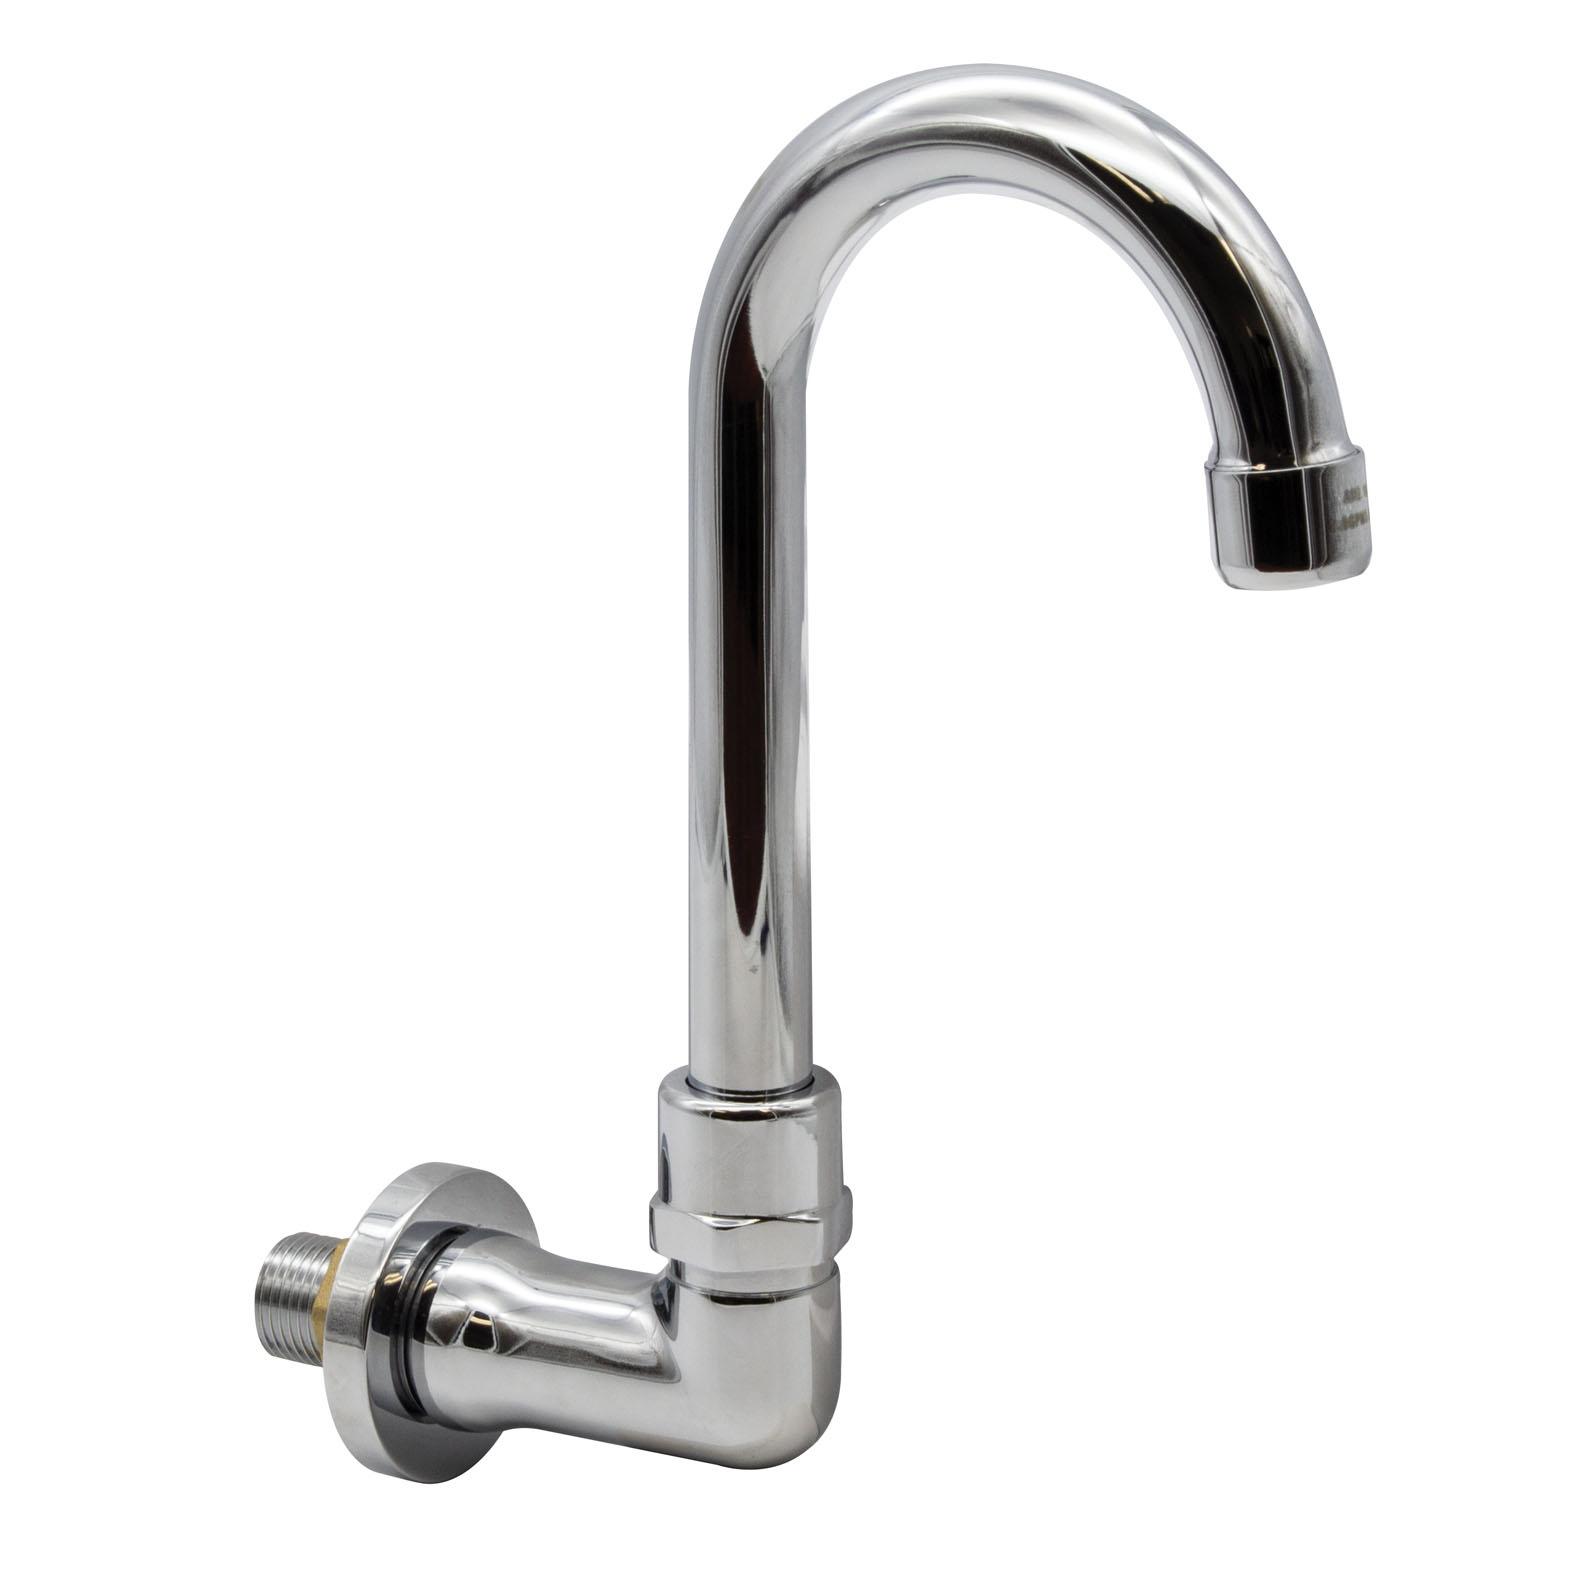 Advance Tabco K-121 faucet, spout / nozzle